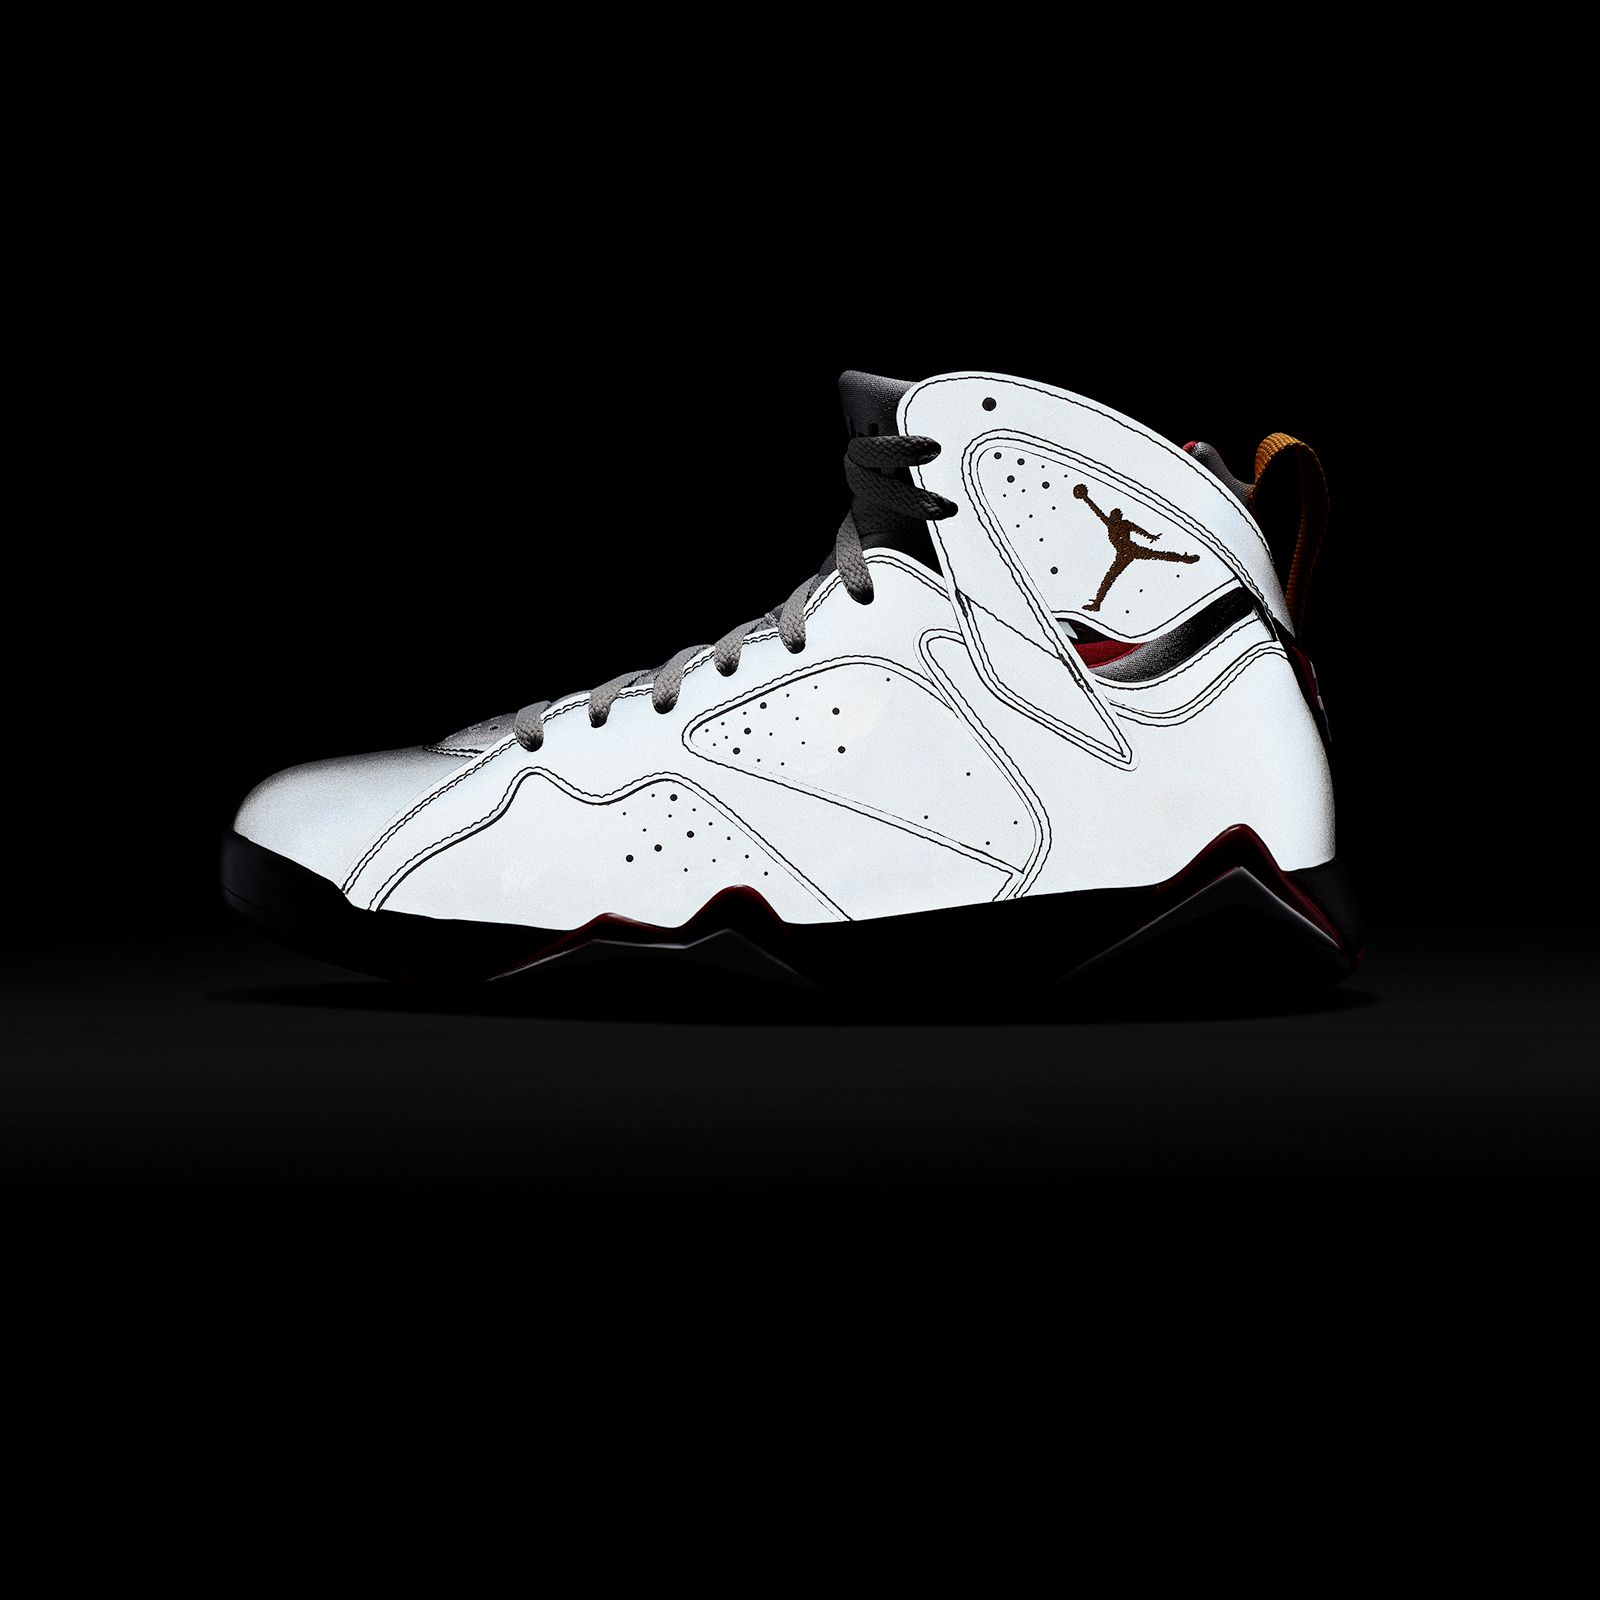 Jordan Brand Air Jordan 7 Retro SP Bv6281 006